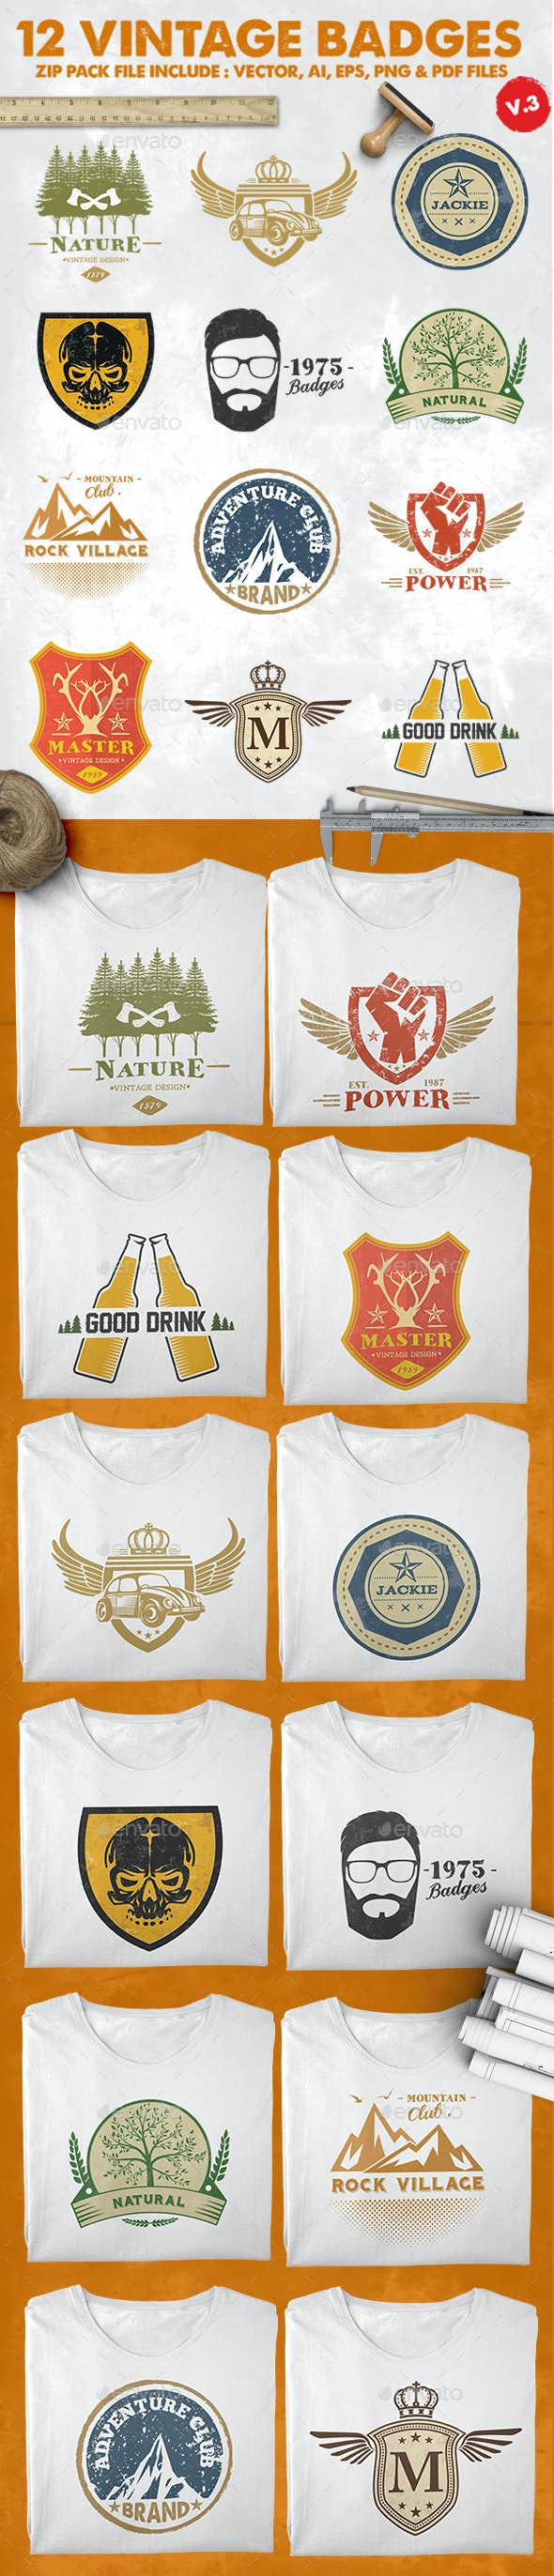 12 Vintage Badges & Logo Version 3 - Badges & Stickers Web Elements